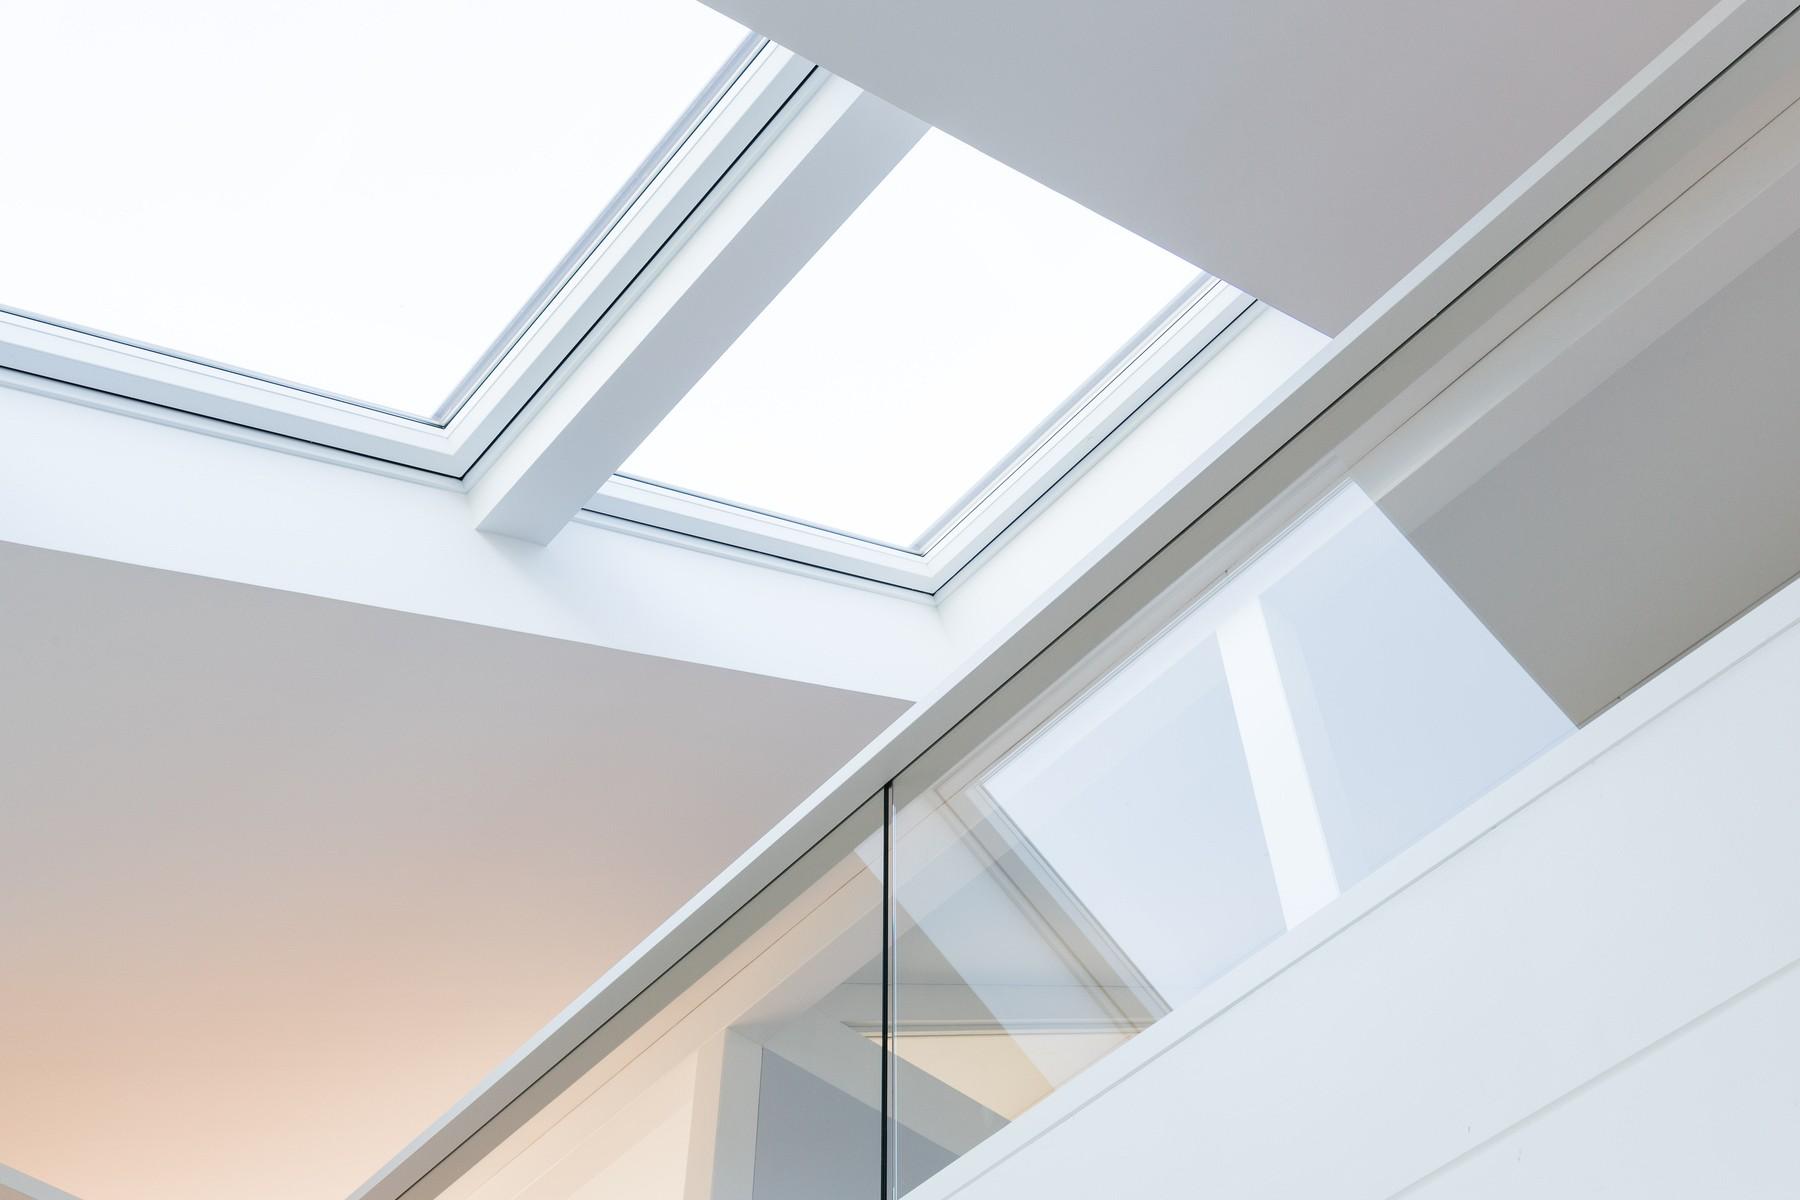 modernes fachwerkhaus landhaus fachwerk holz glas weiss 19 concentus moderne fachwerkh user. Black Bedroom Furniture Sets. Home Design Ideas